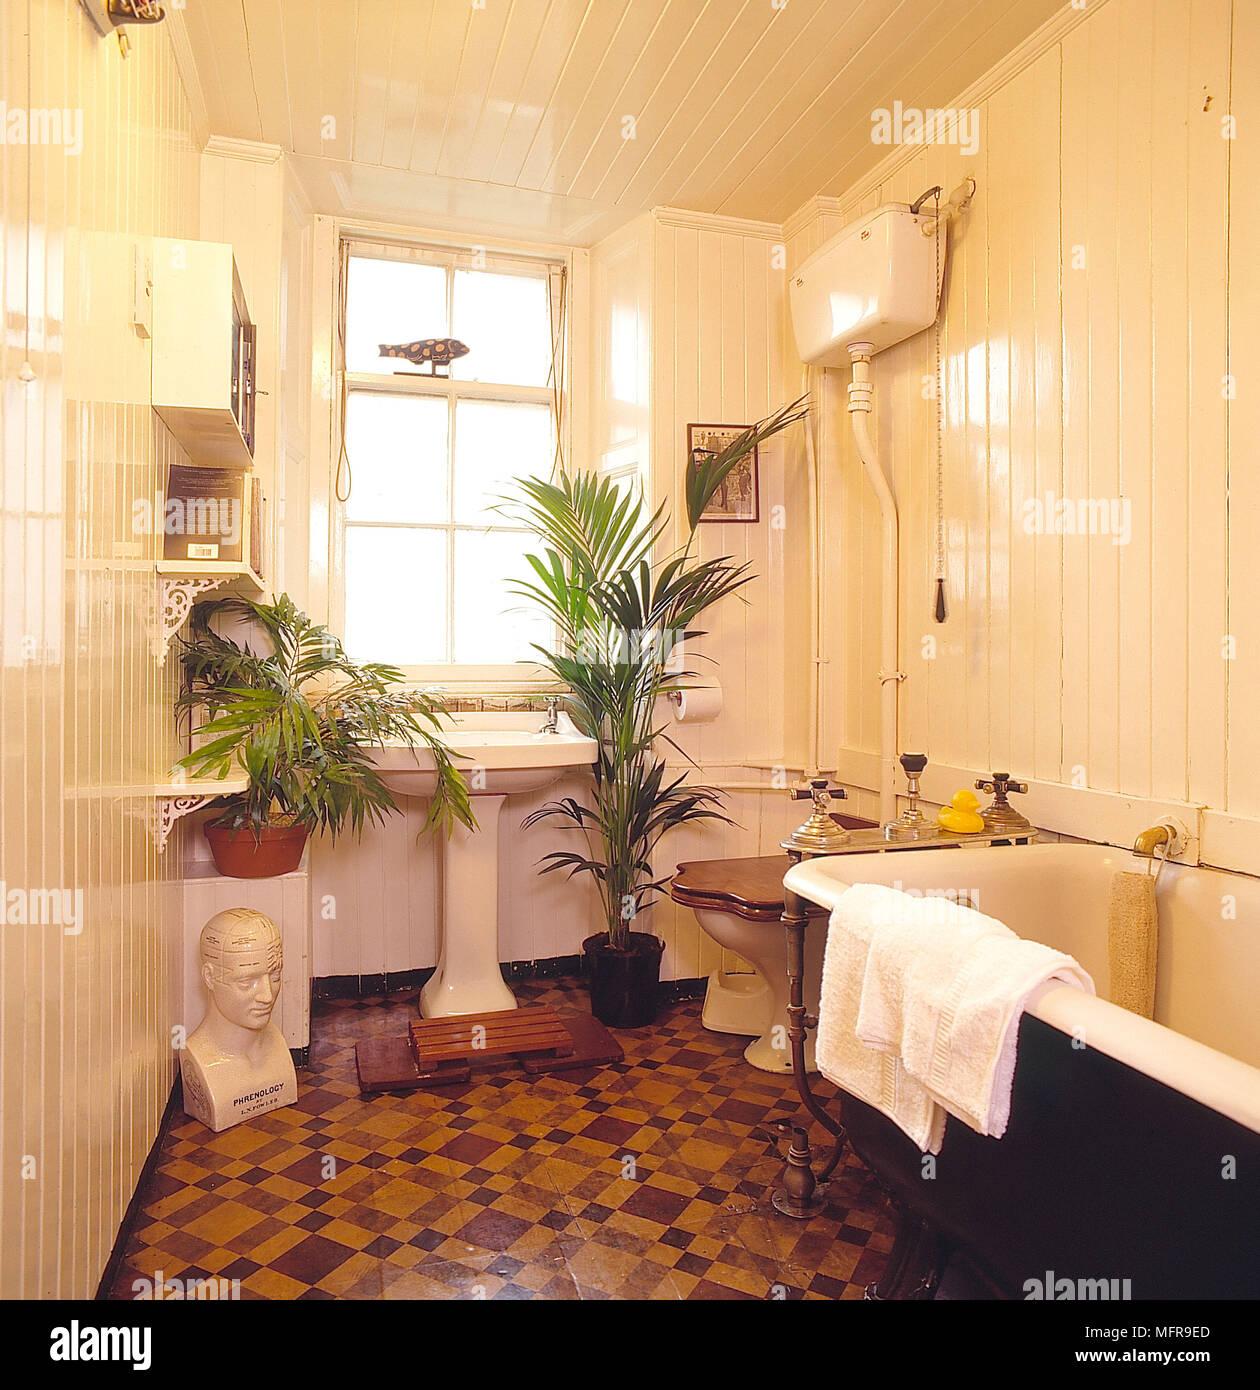 Badezimmer Creme holzgetäfelte Wände Decke Fliesen roll Top ...